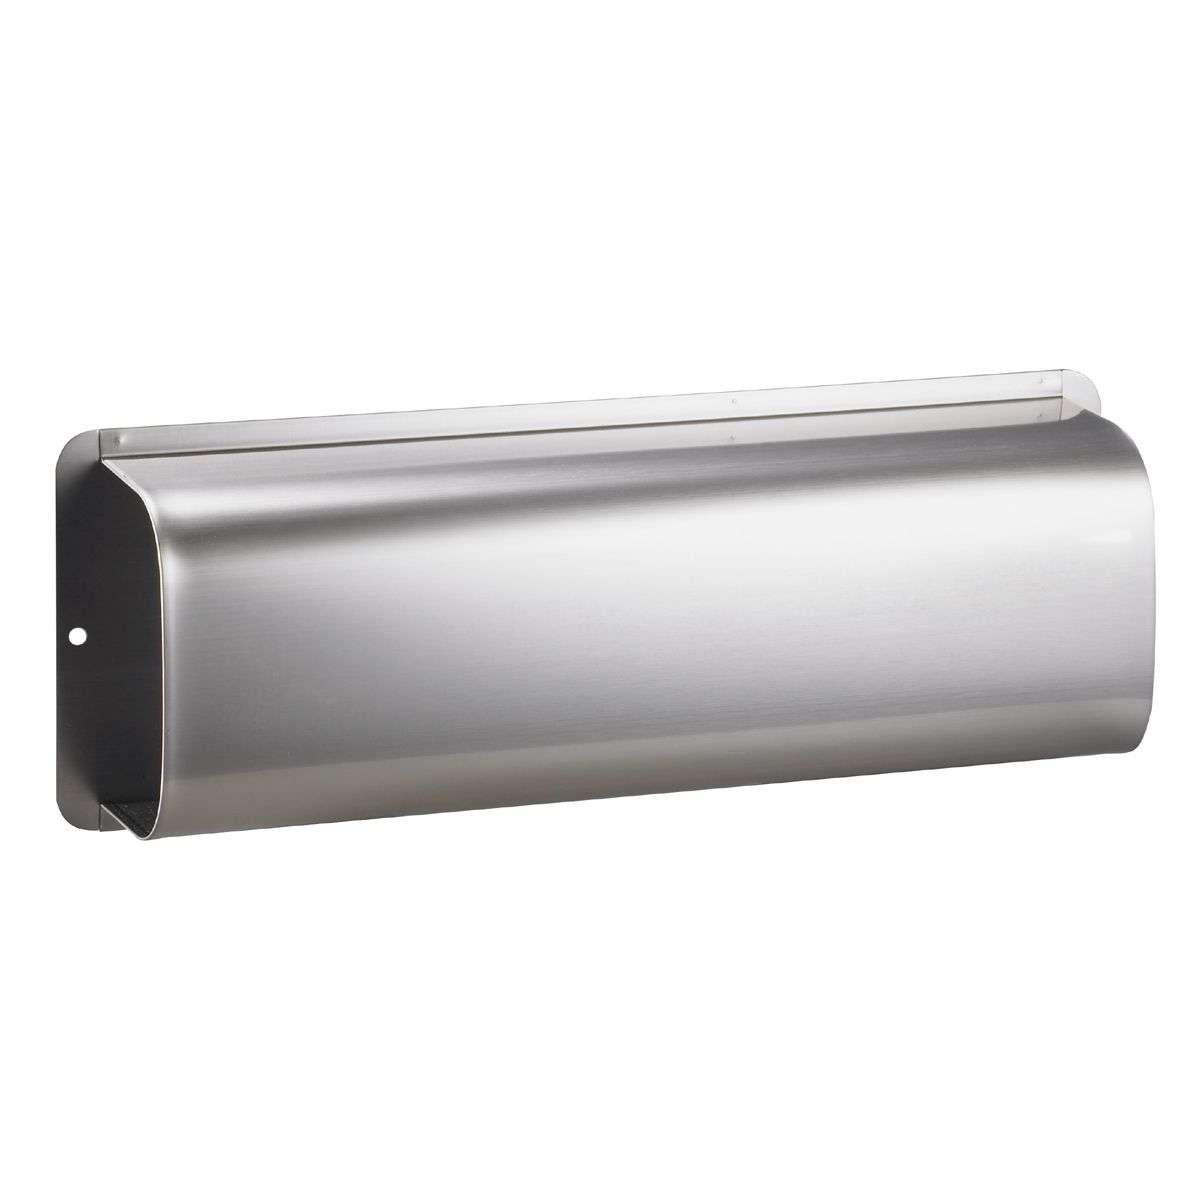 Lehtilokero RAIN-postilaatikolle ruostumaton teräs-1003098-31